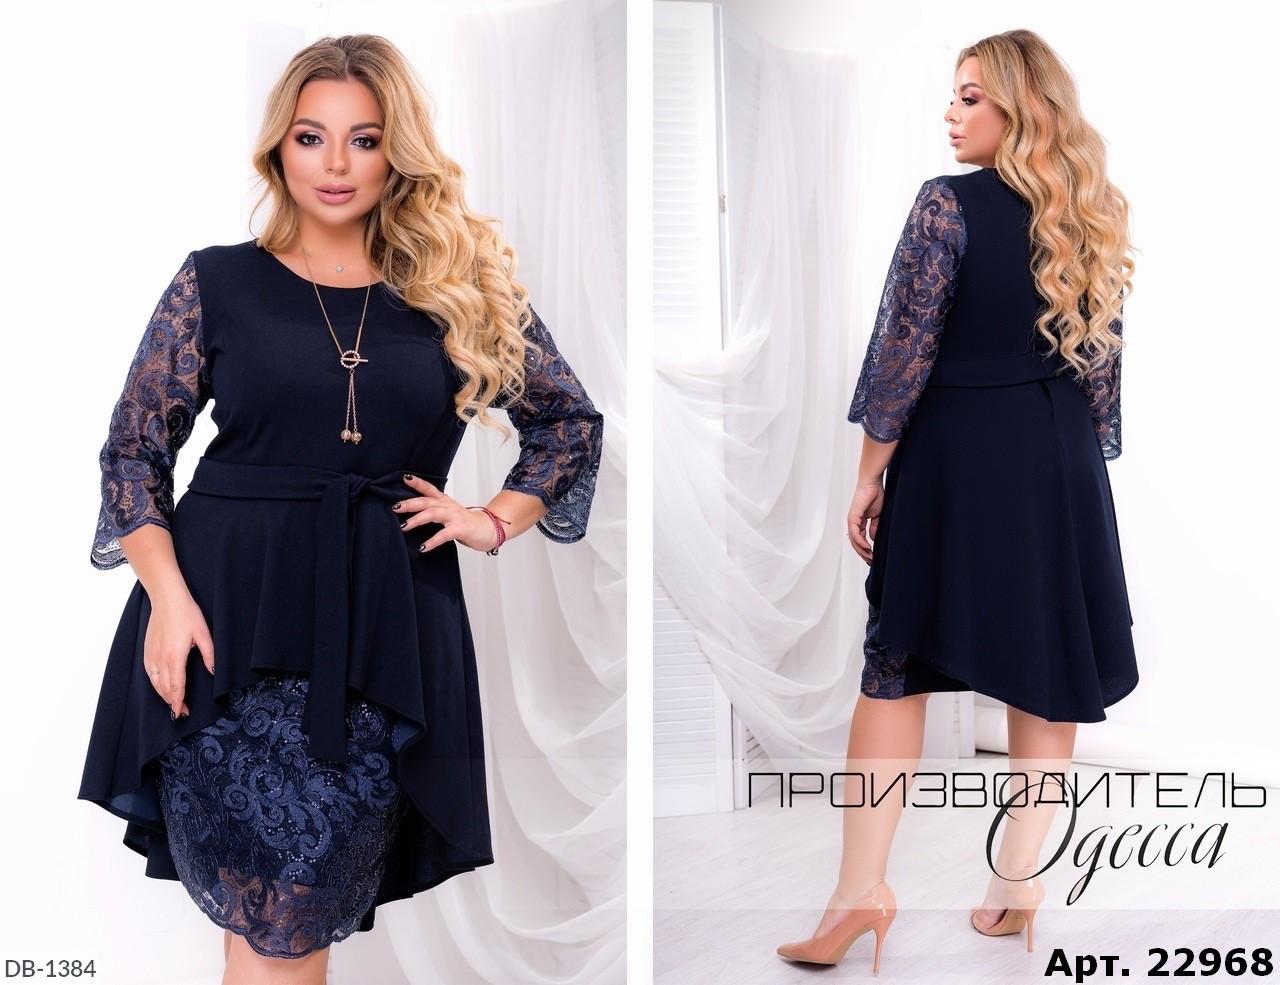 Платье DB-1384